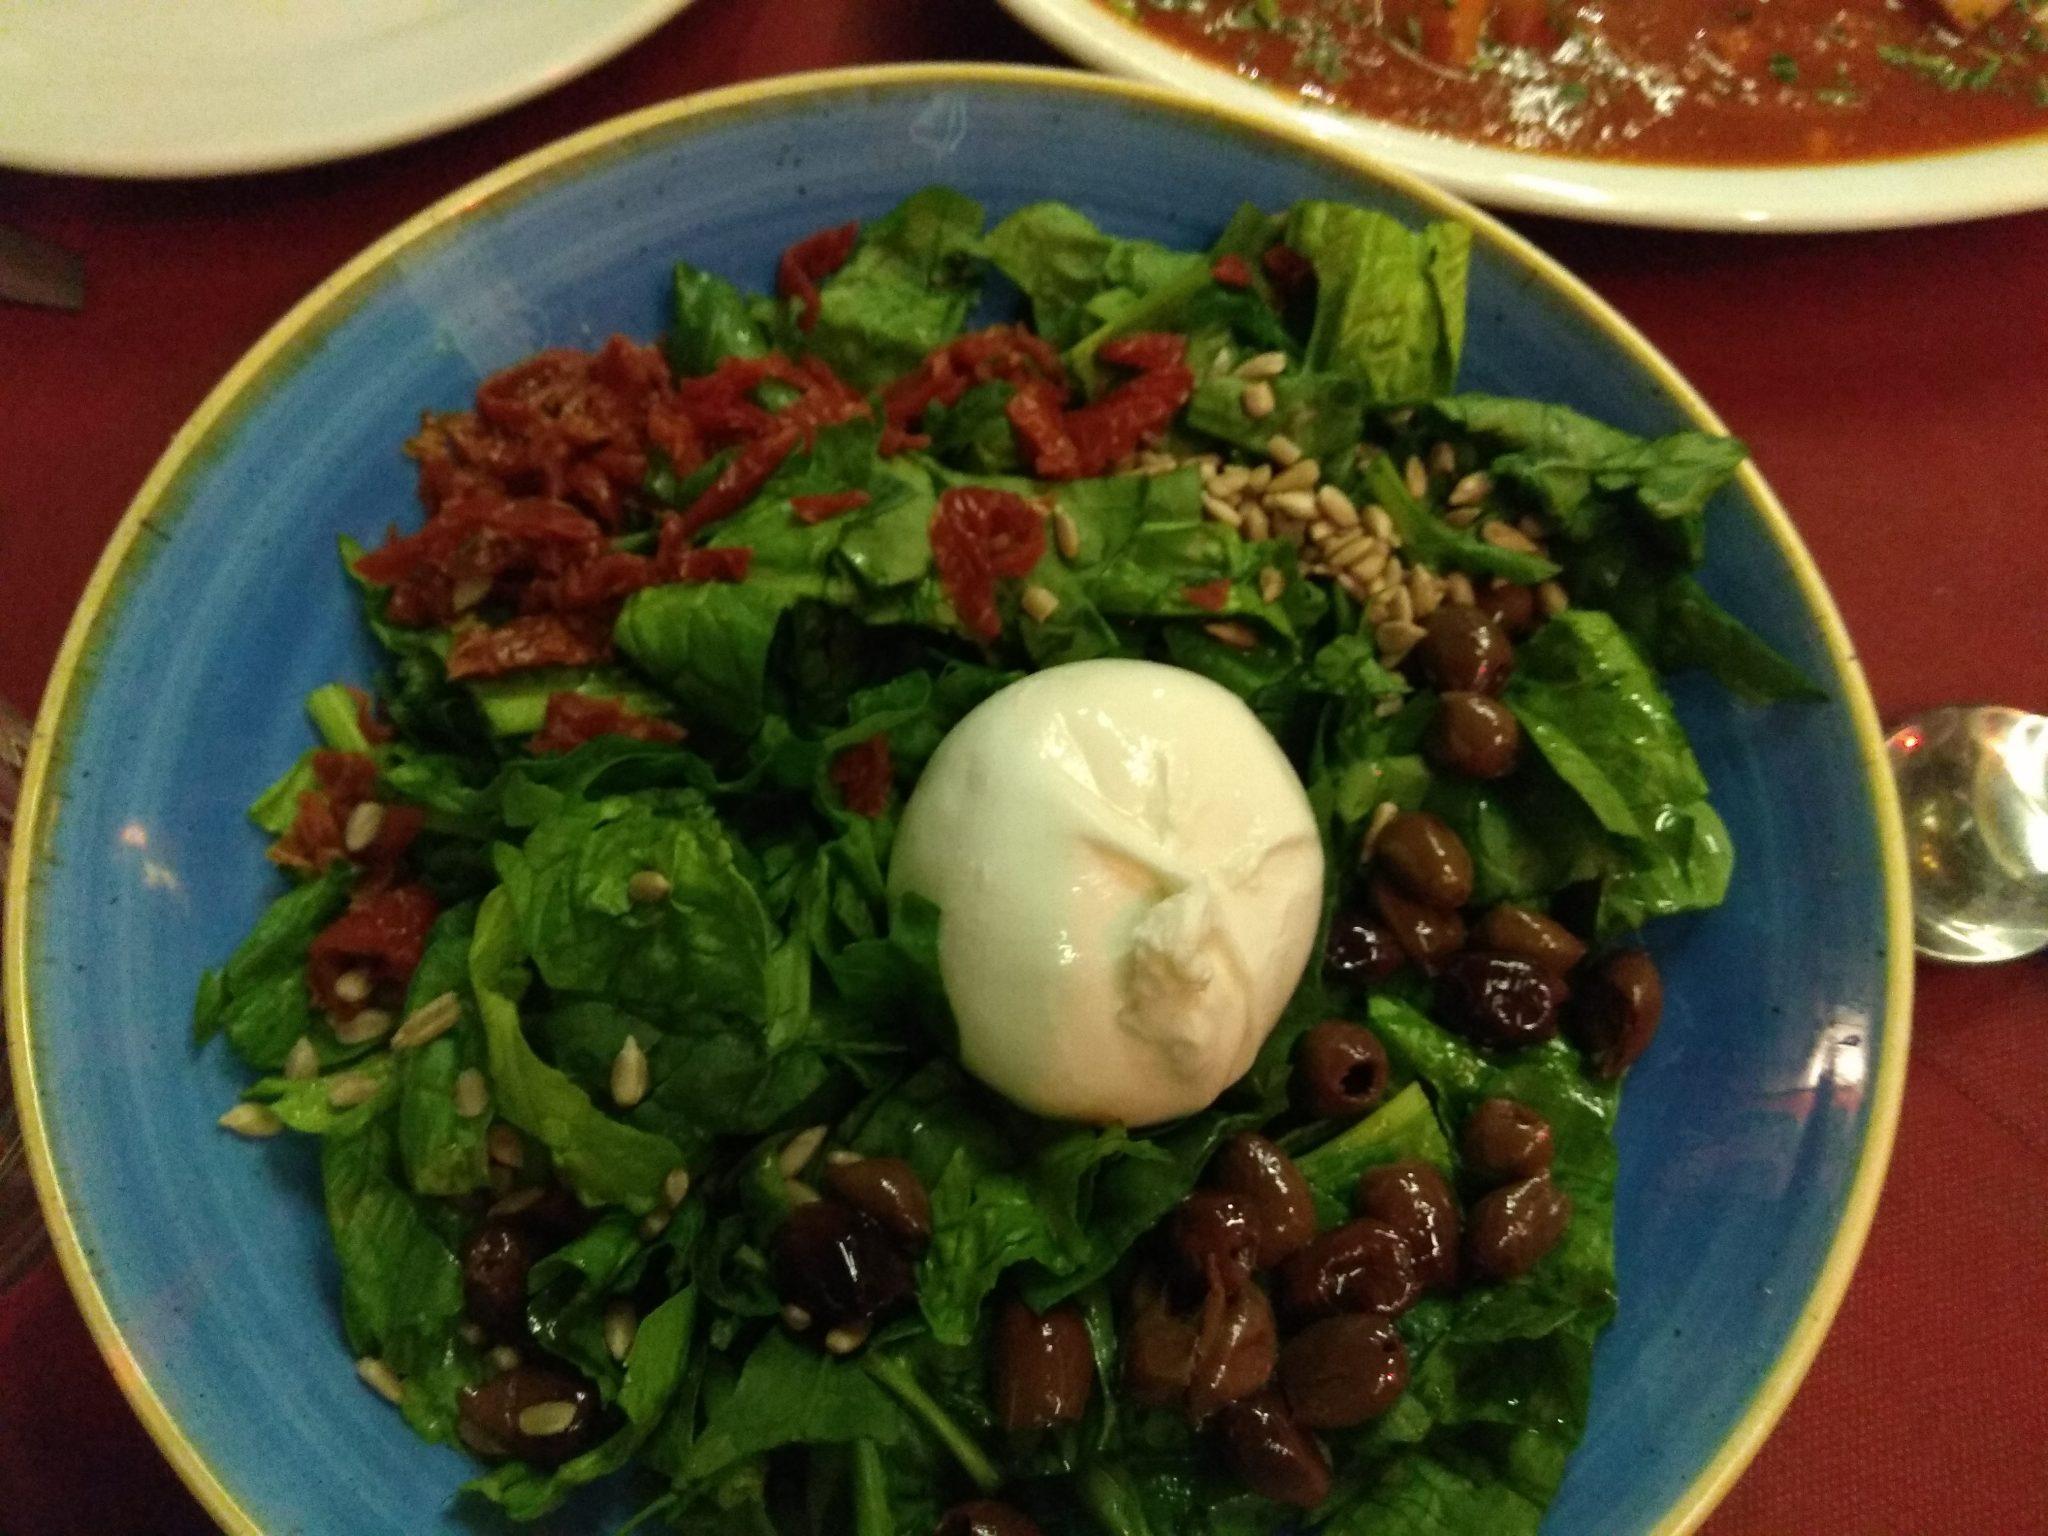 Img post Ensalada con mozzarella. Comer en Catania - Pasaporte y Millas